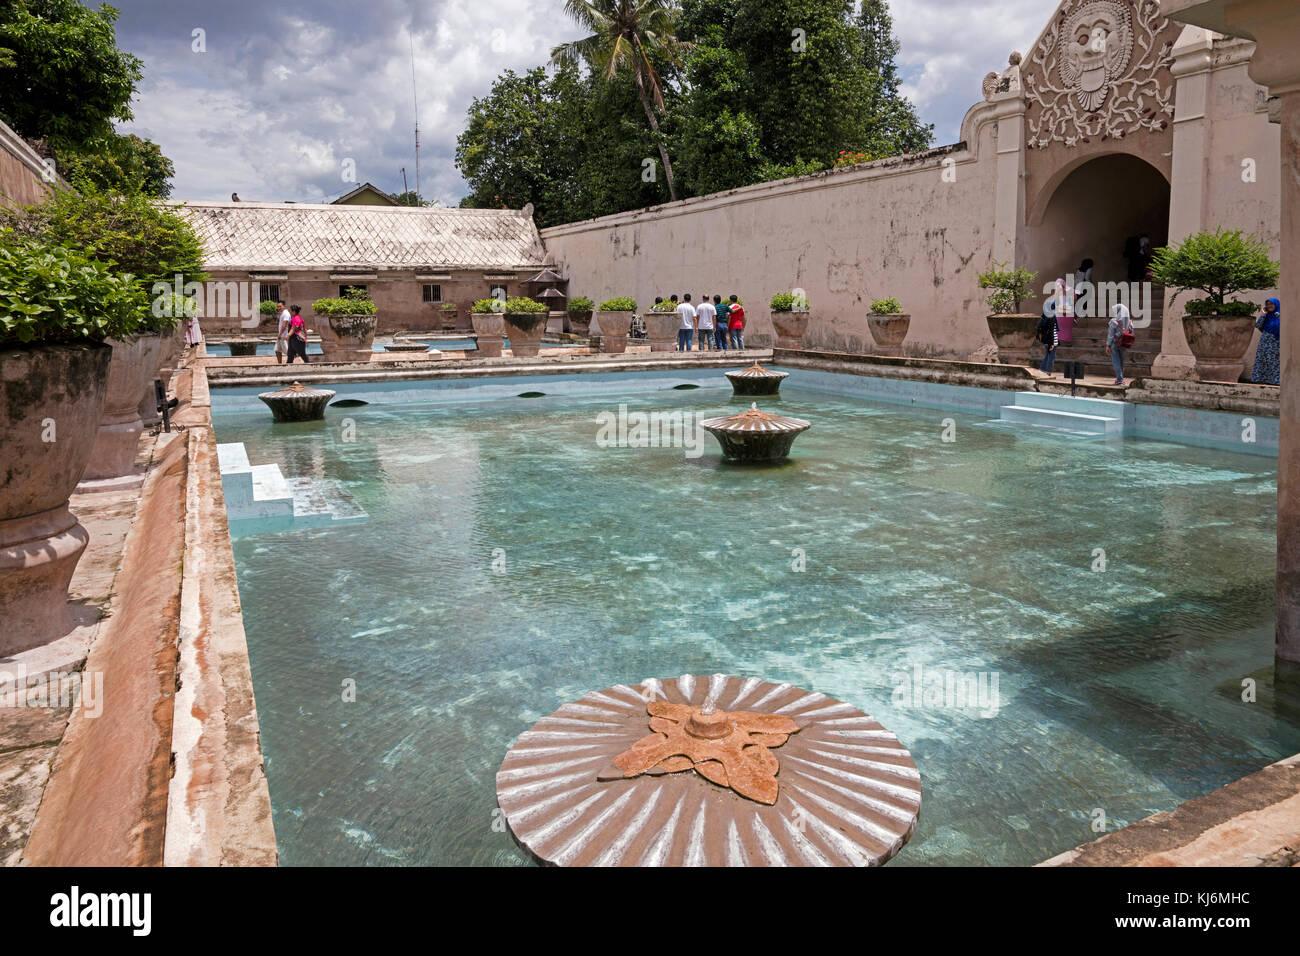 Complesso balneare presso il Taman Sari castello d'acqua, è il sito di un ex giardino reale del sultanato Immagini Stock